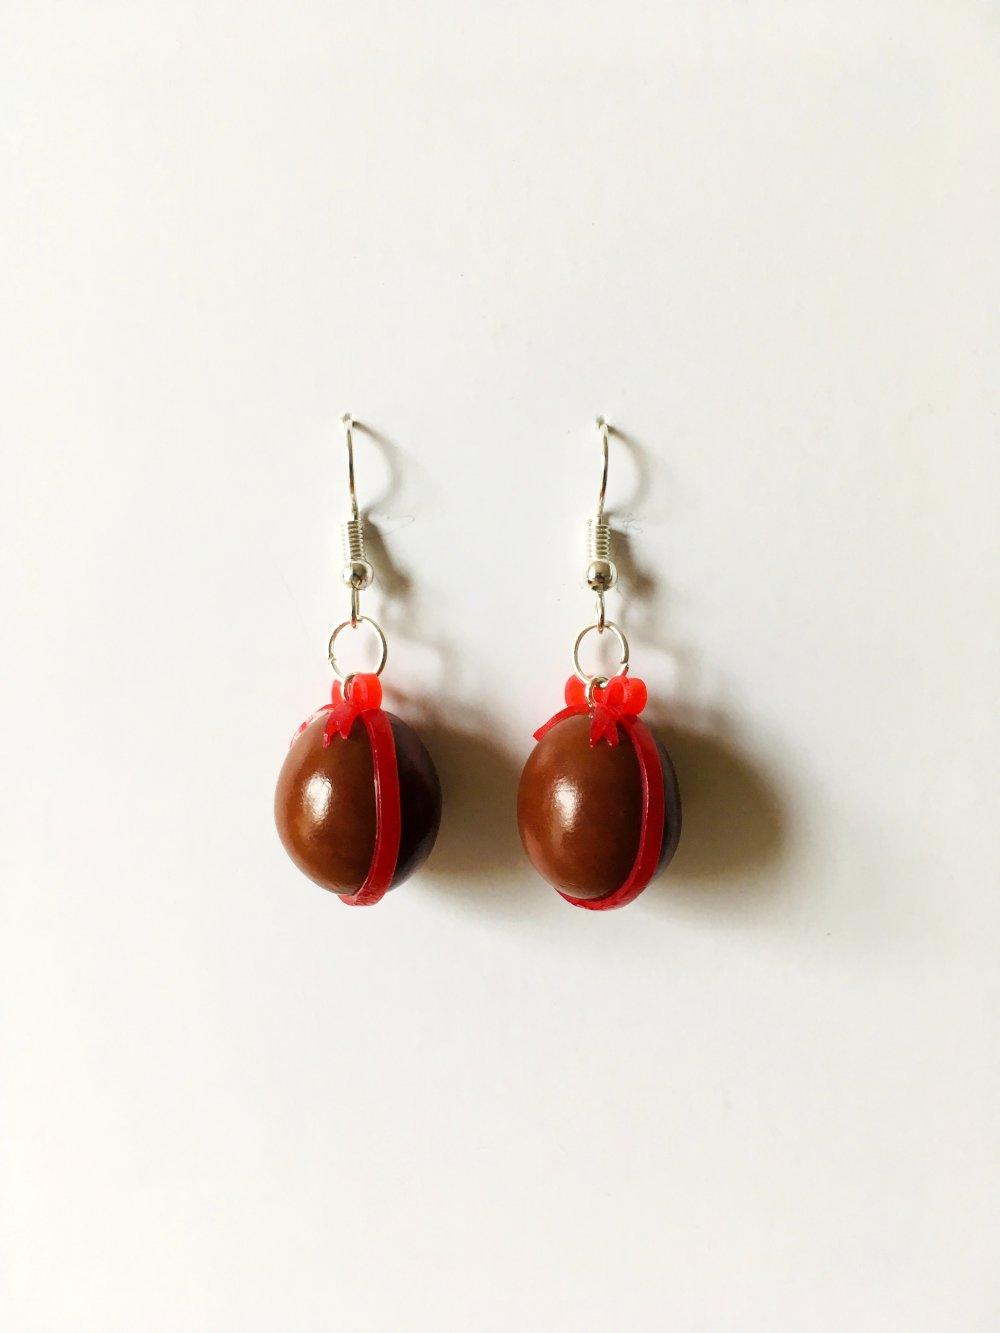 Boucles d'oreilles Fimo œuf de Pâques au chocolat et son nœud rouge